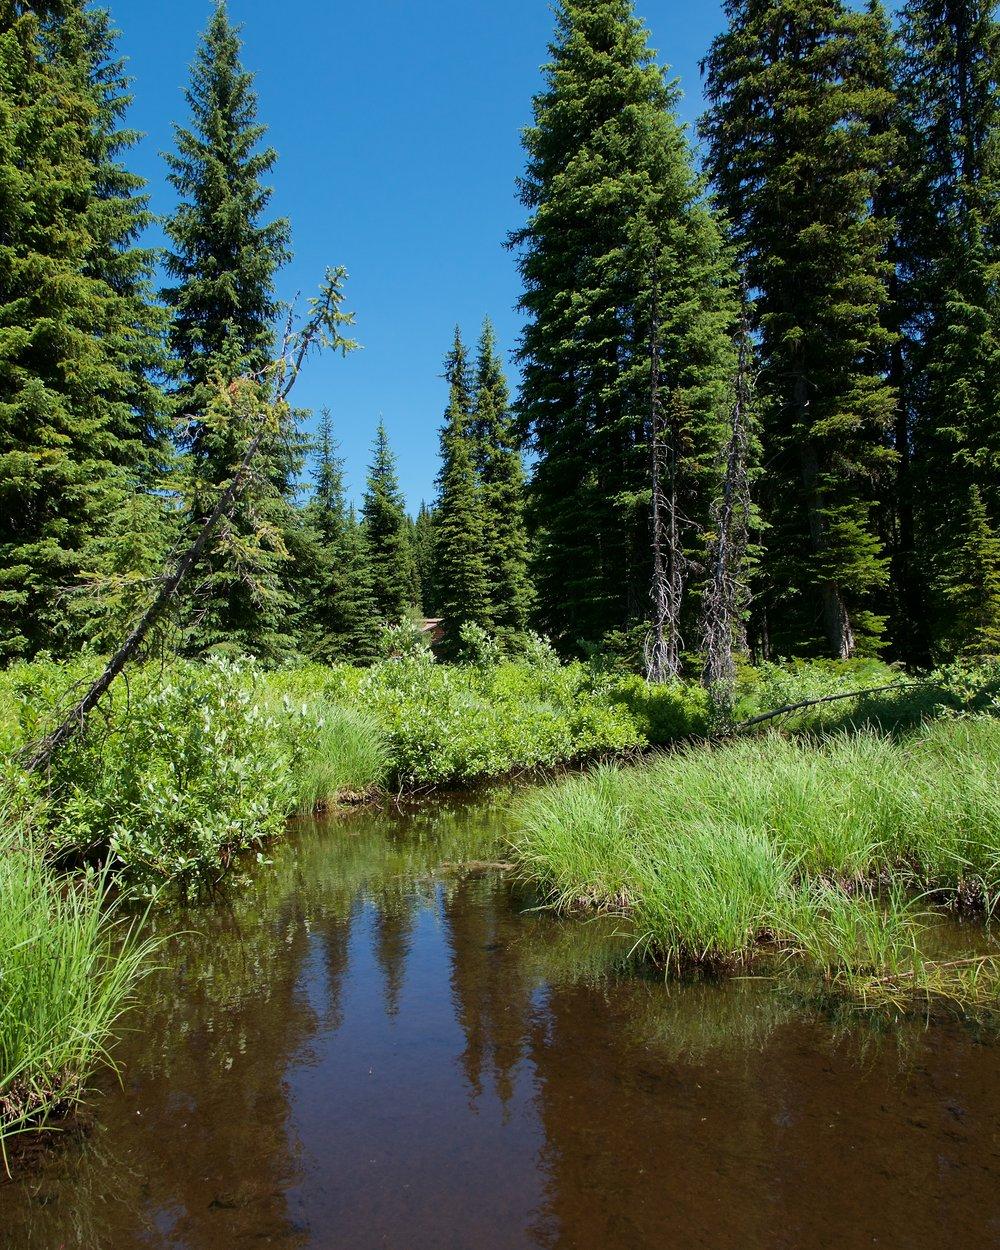 Lolo Pass wetlands walk